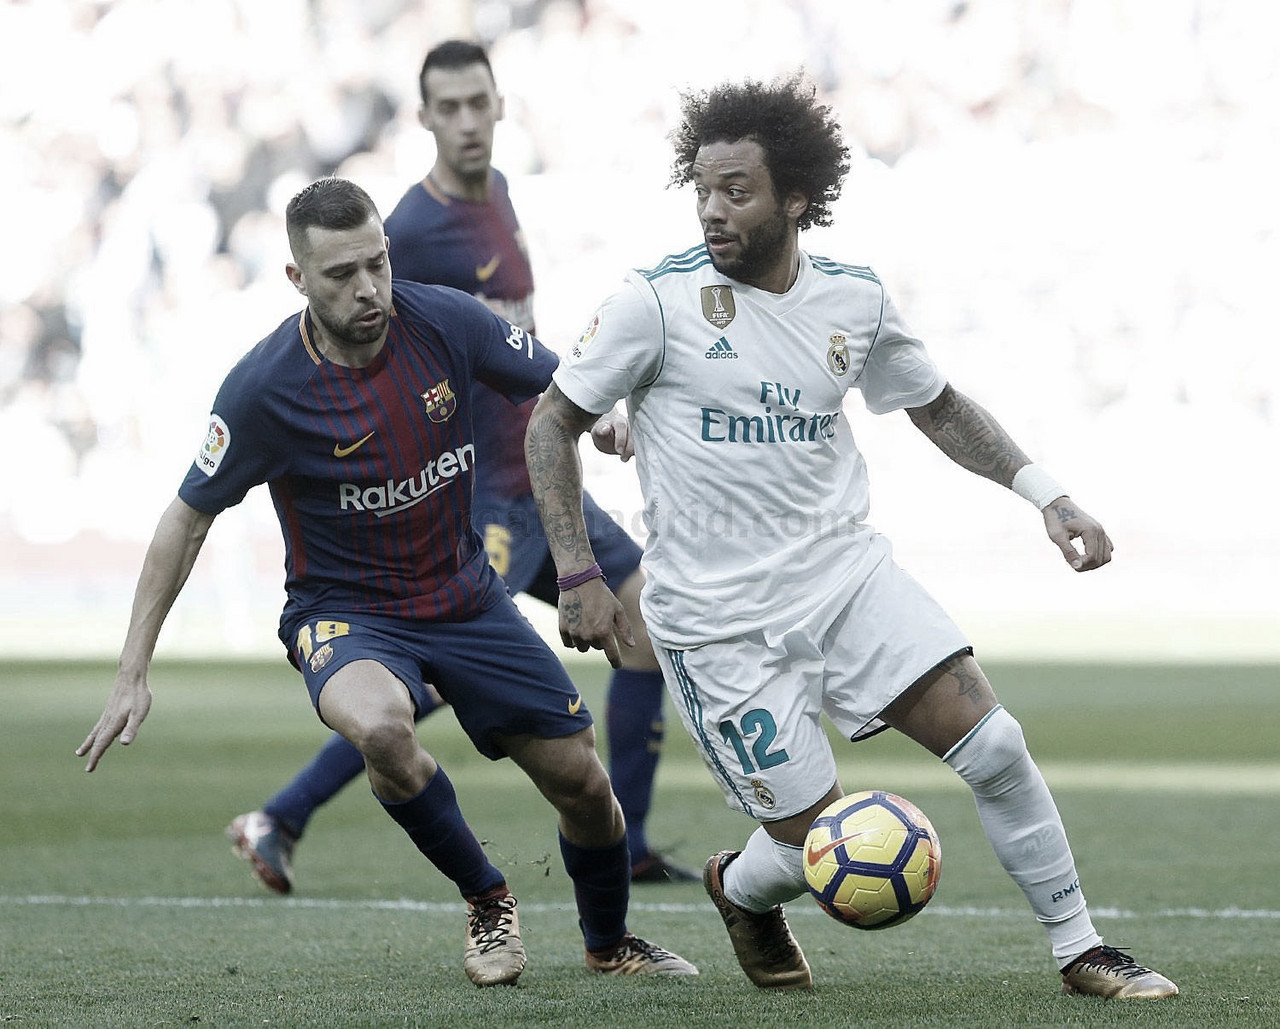 Marcelo y Jordi Alba en la disputa del balón | Fuente: Real Madrid.